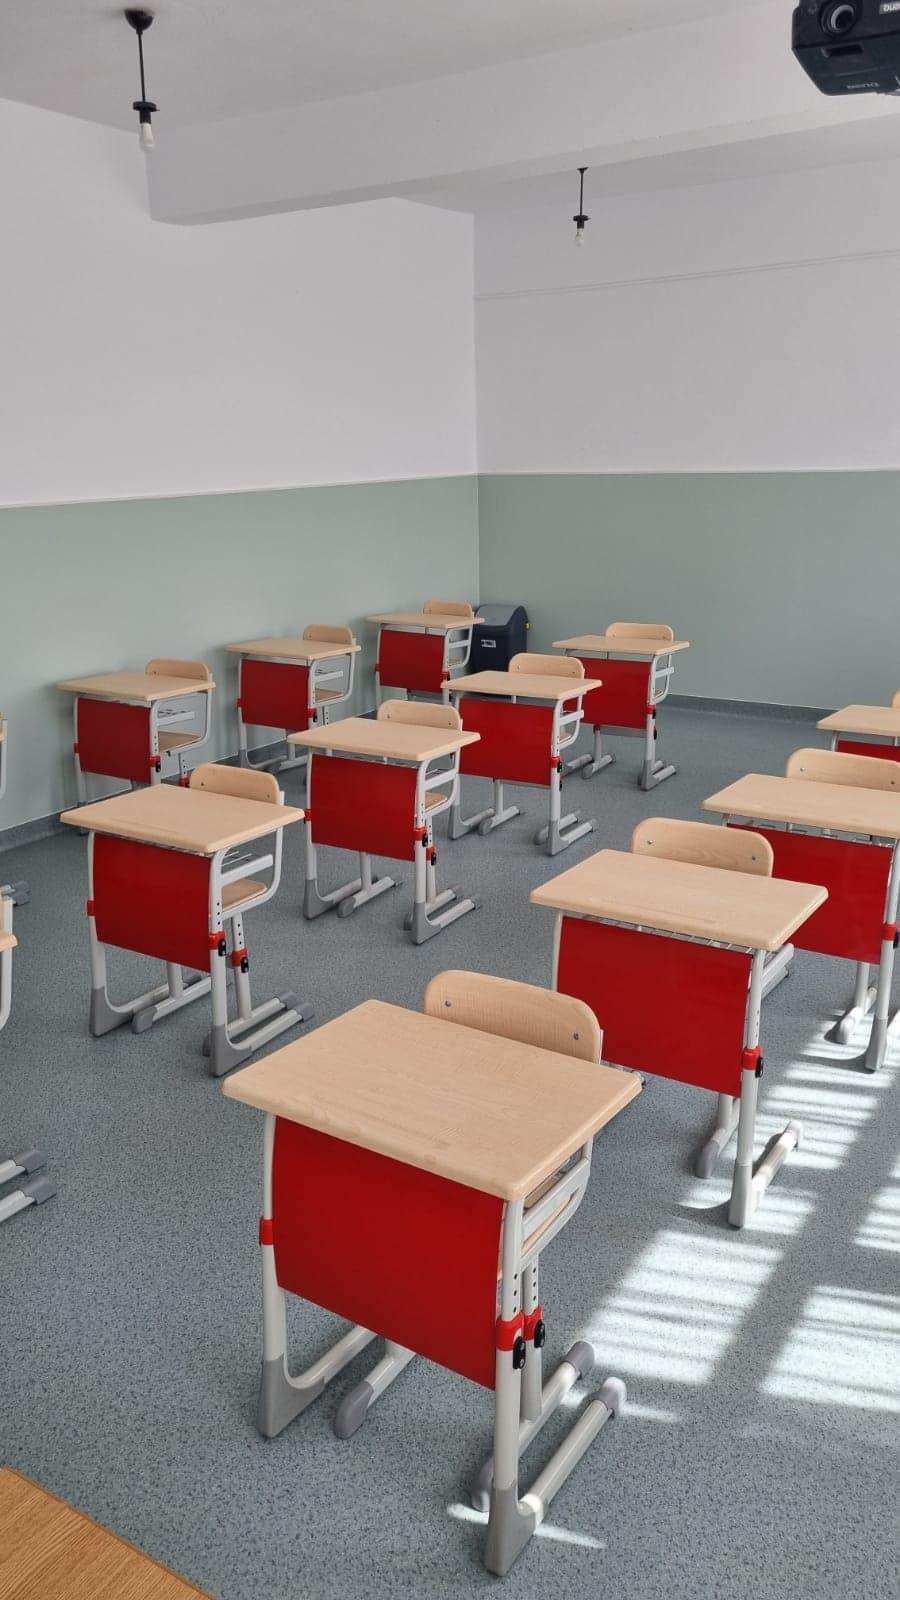 Anul școlar a început cu renovări și modernizări, la Filipeștii de Pădure